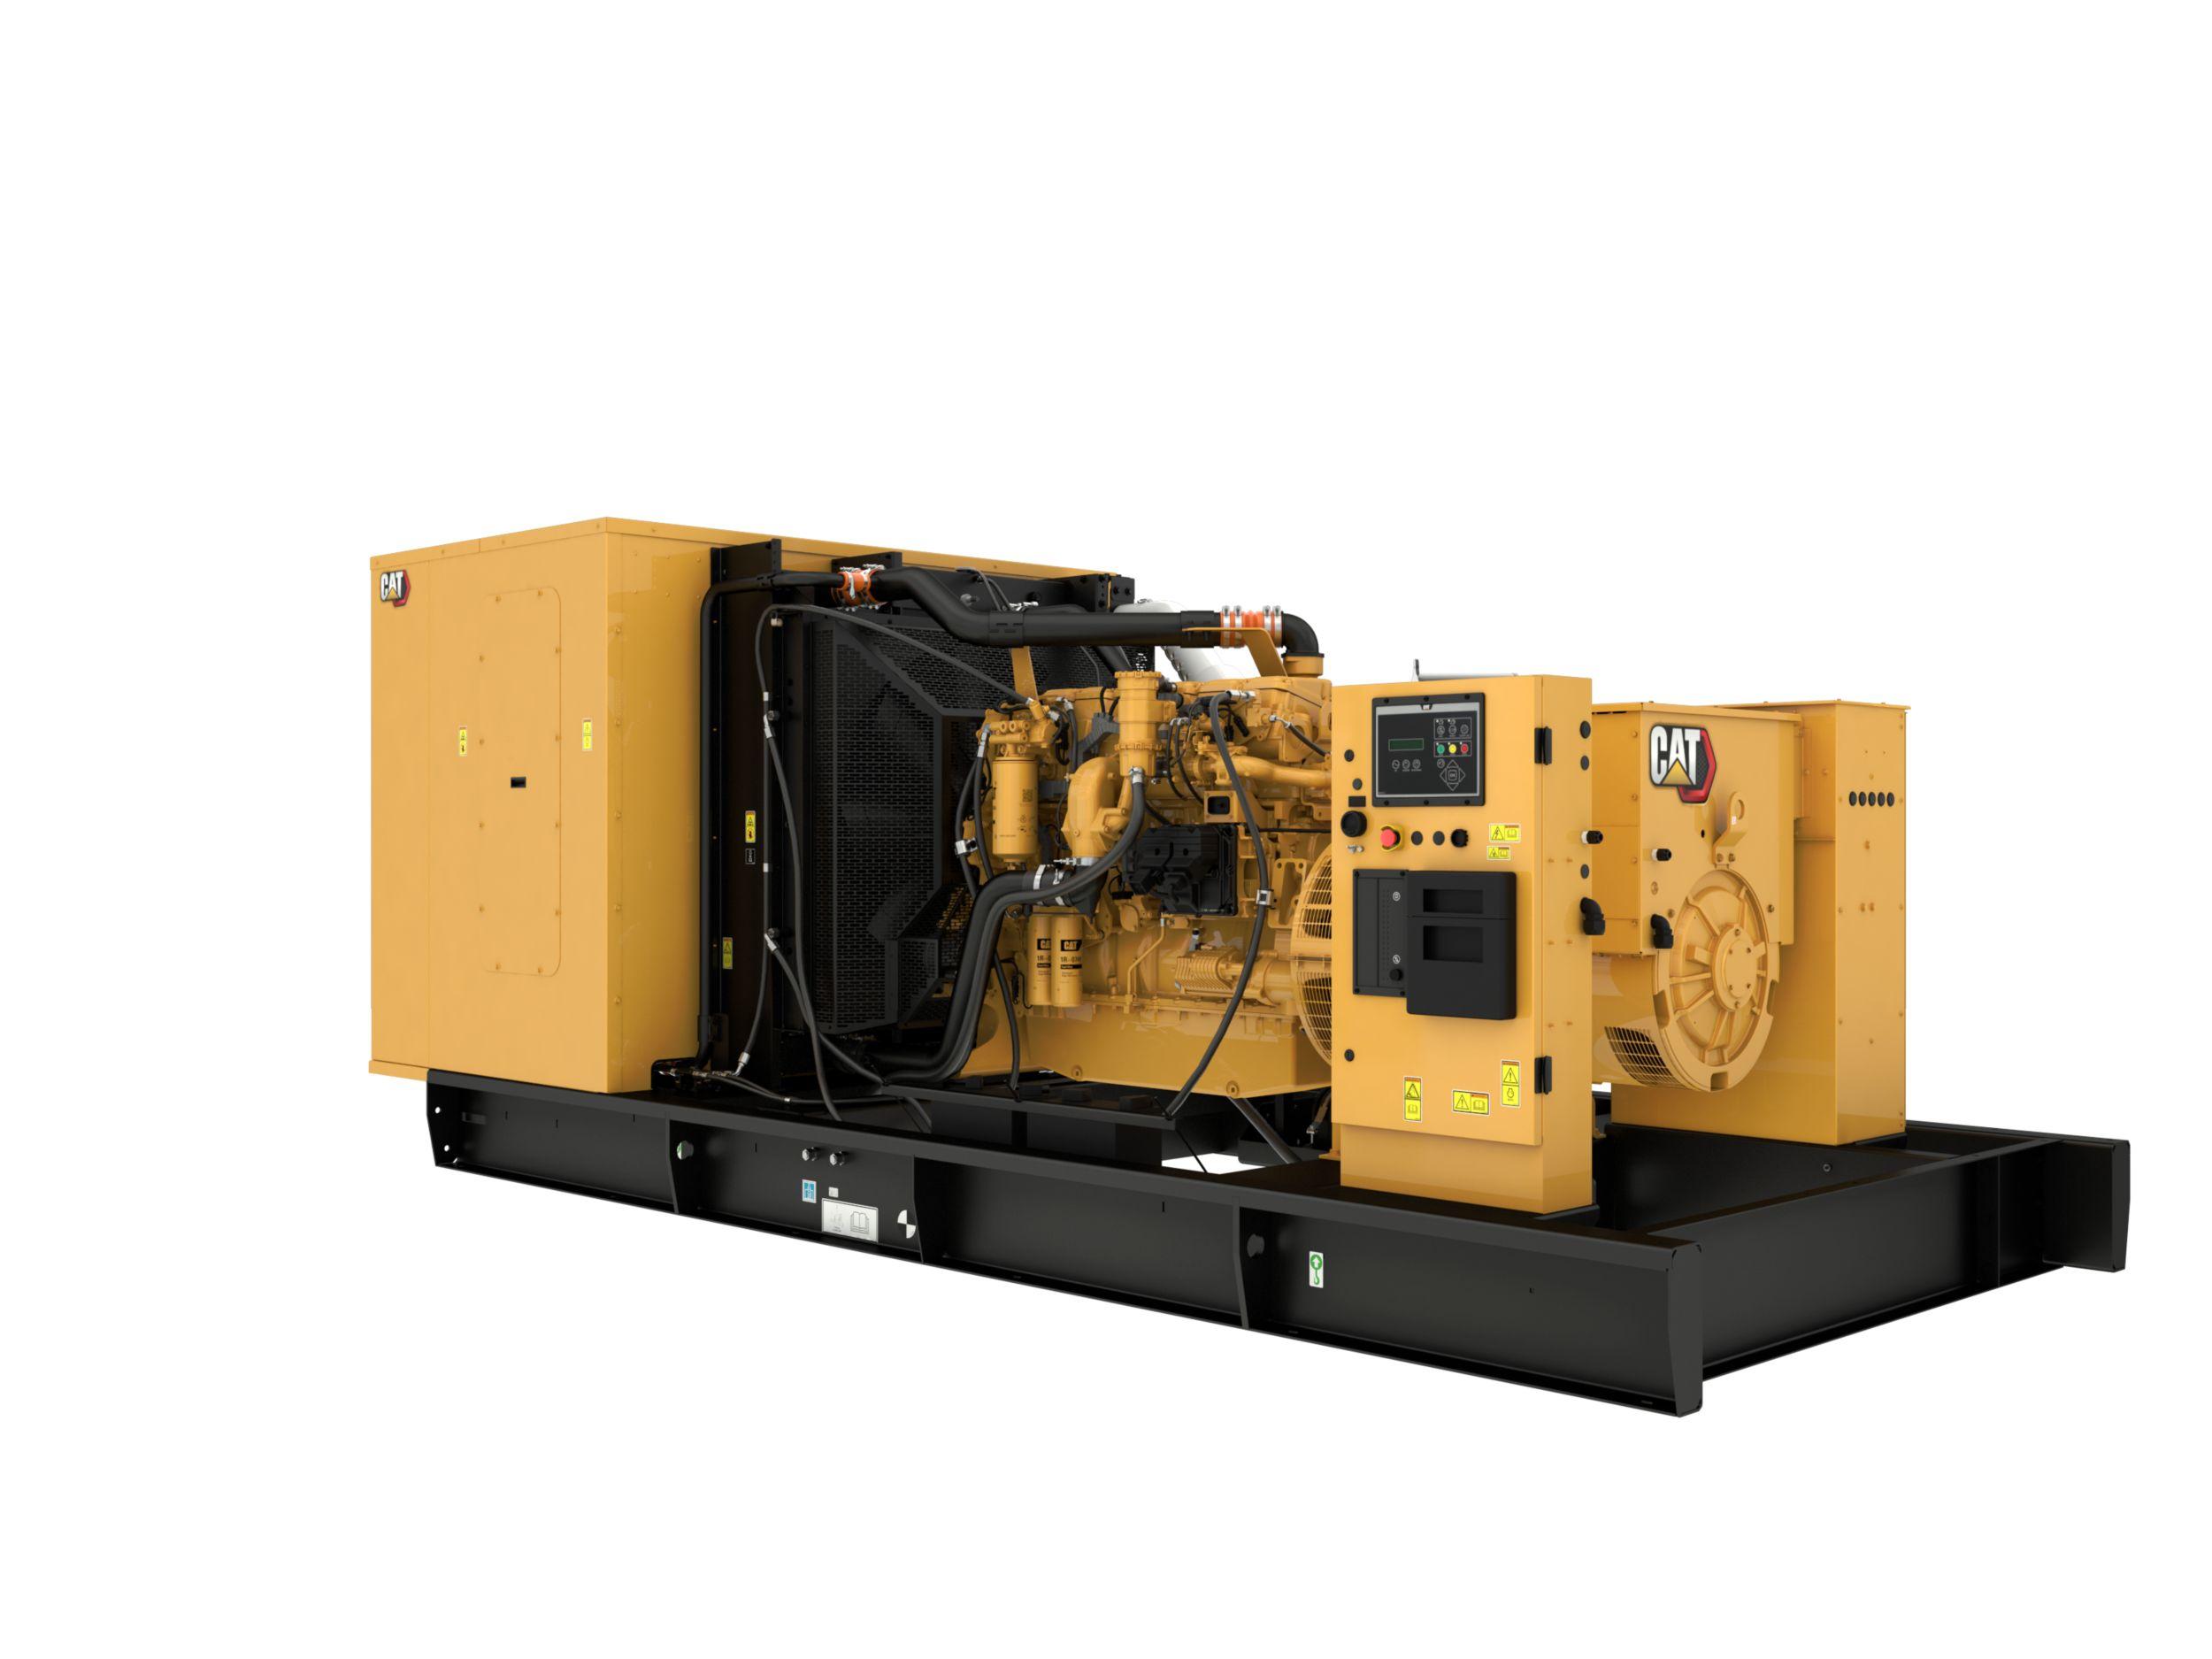 C18 60 Hz Tier 4 Rear Left